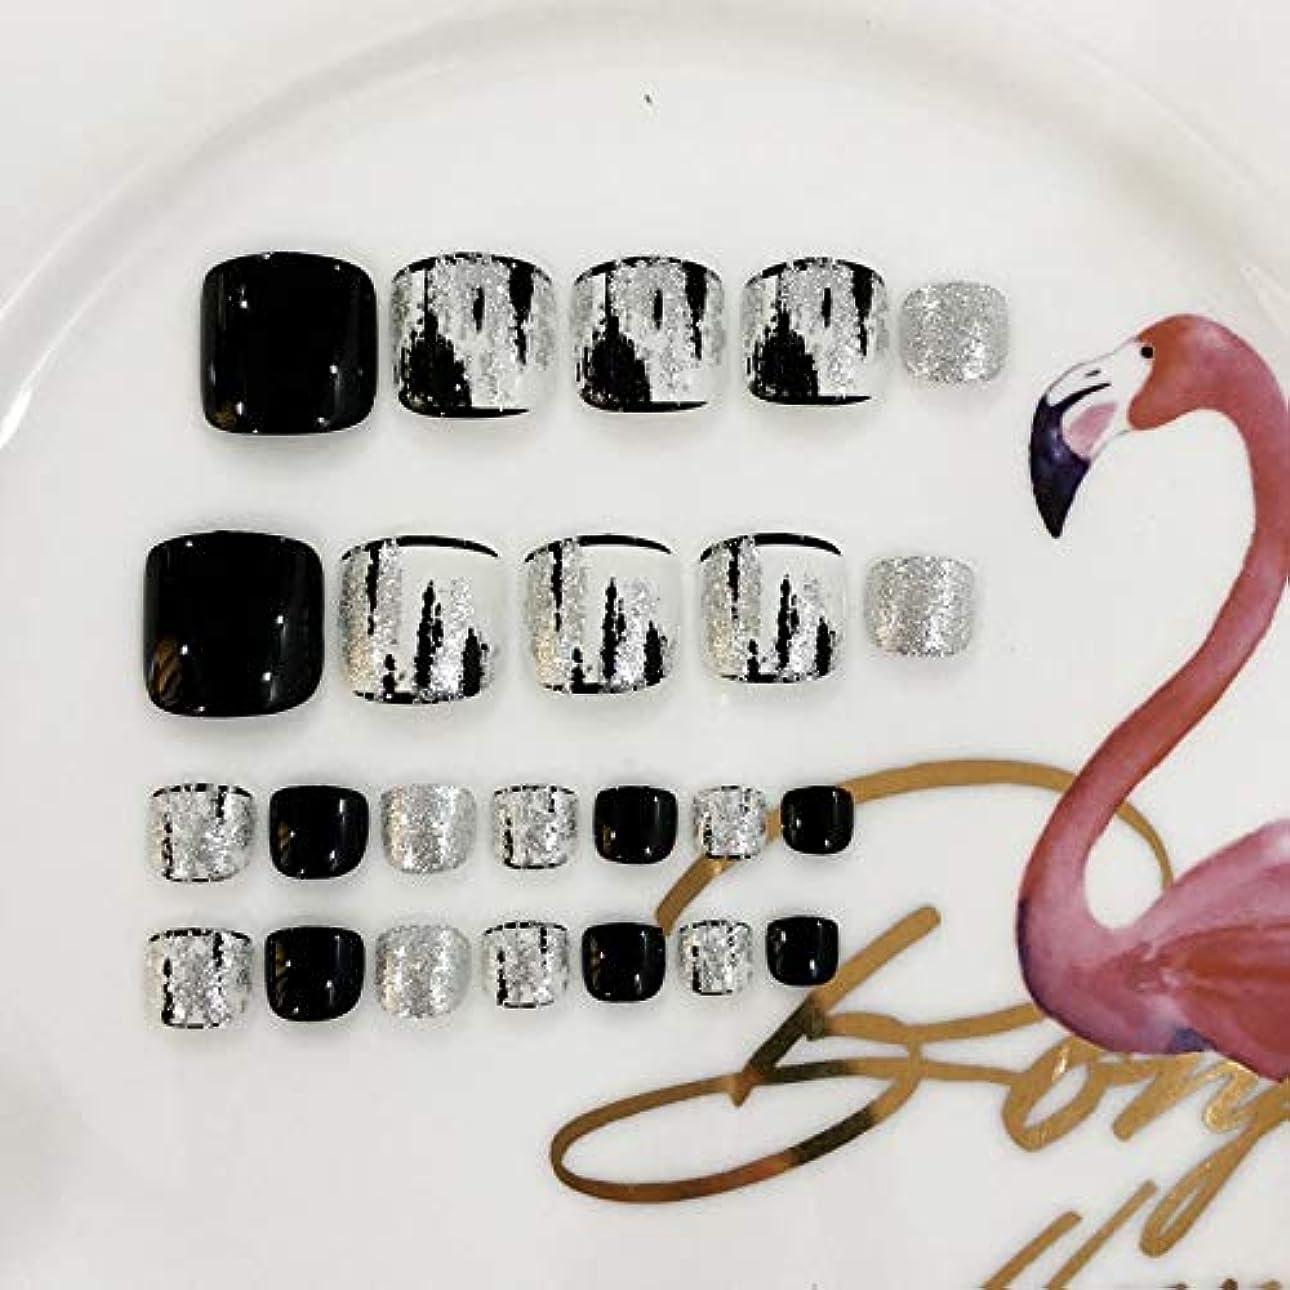 ケーキ水を飲むスプーンXUANHU HOME ブラックシルバー耐久性のある防水偽爪キット24個の偽爪、接着剤付き